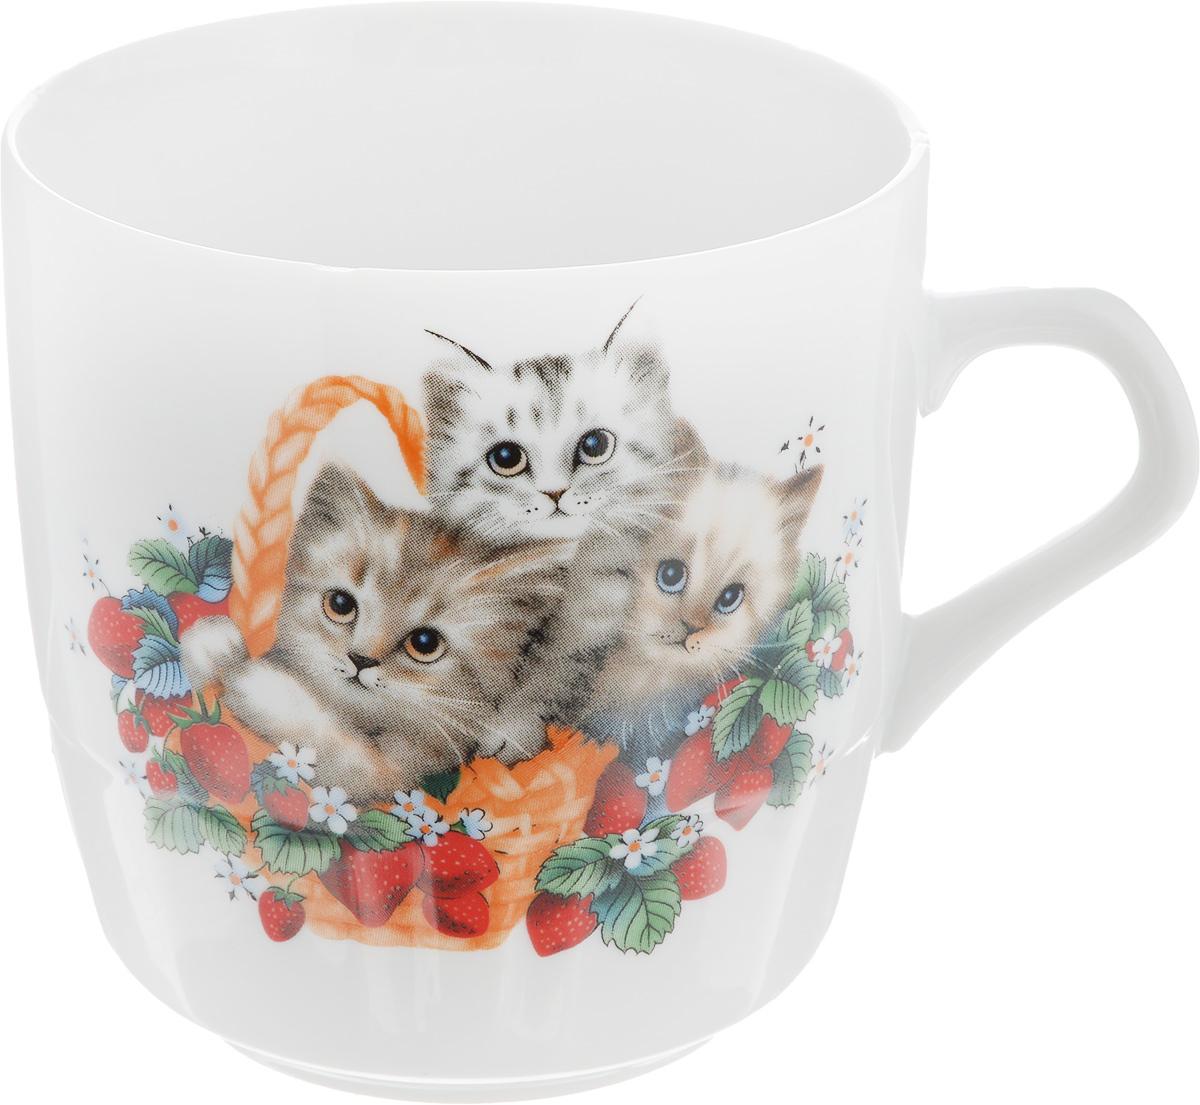 Кружка Фарфор Вербилок Котята, 250 мл5810950Кружка Фарфор Вербилок Котята способна скрасить любое чаепитие. Изделие выполнено из высококачественного фарфора. Кружка оформлена оригинальным принтом с милыми котятами и дополнена удобной ручкой. Посуда из такого материала позволяет сохранить истинный вкус напитка, а также помогает ему дольше оставаться теплым.Диаметр по верхнему краю: 8 см.Высота кружки: 8,5 см.